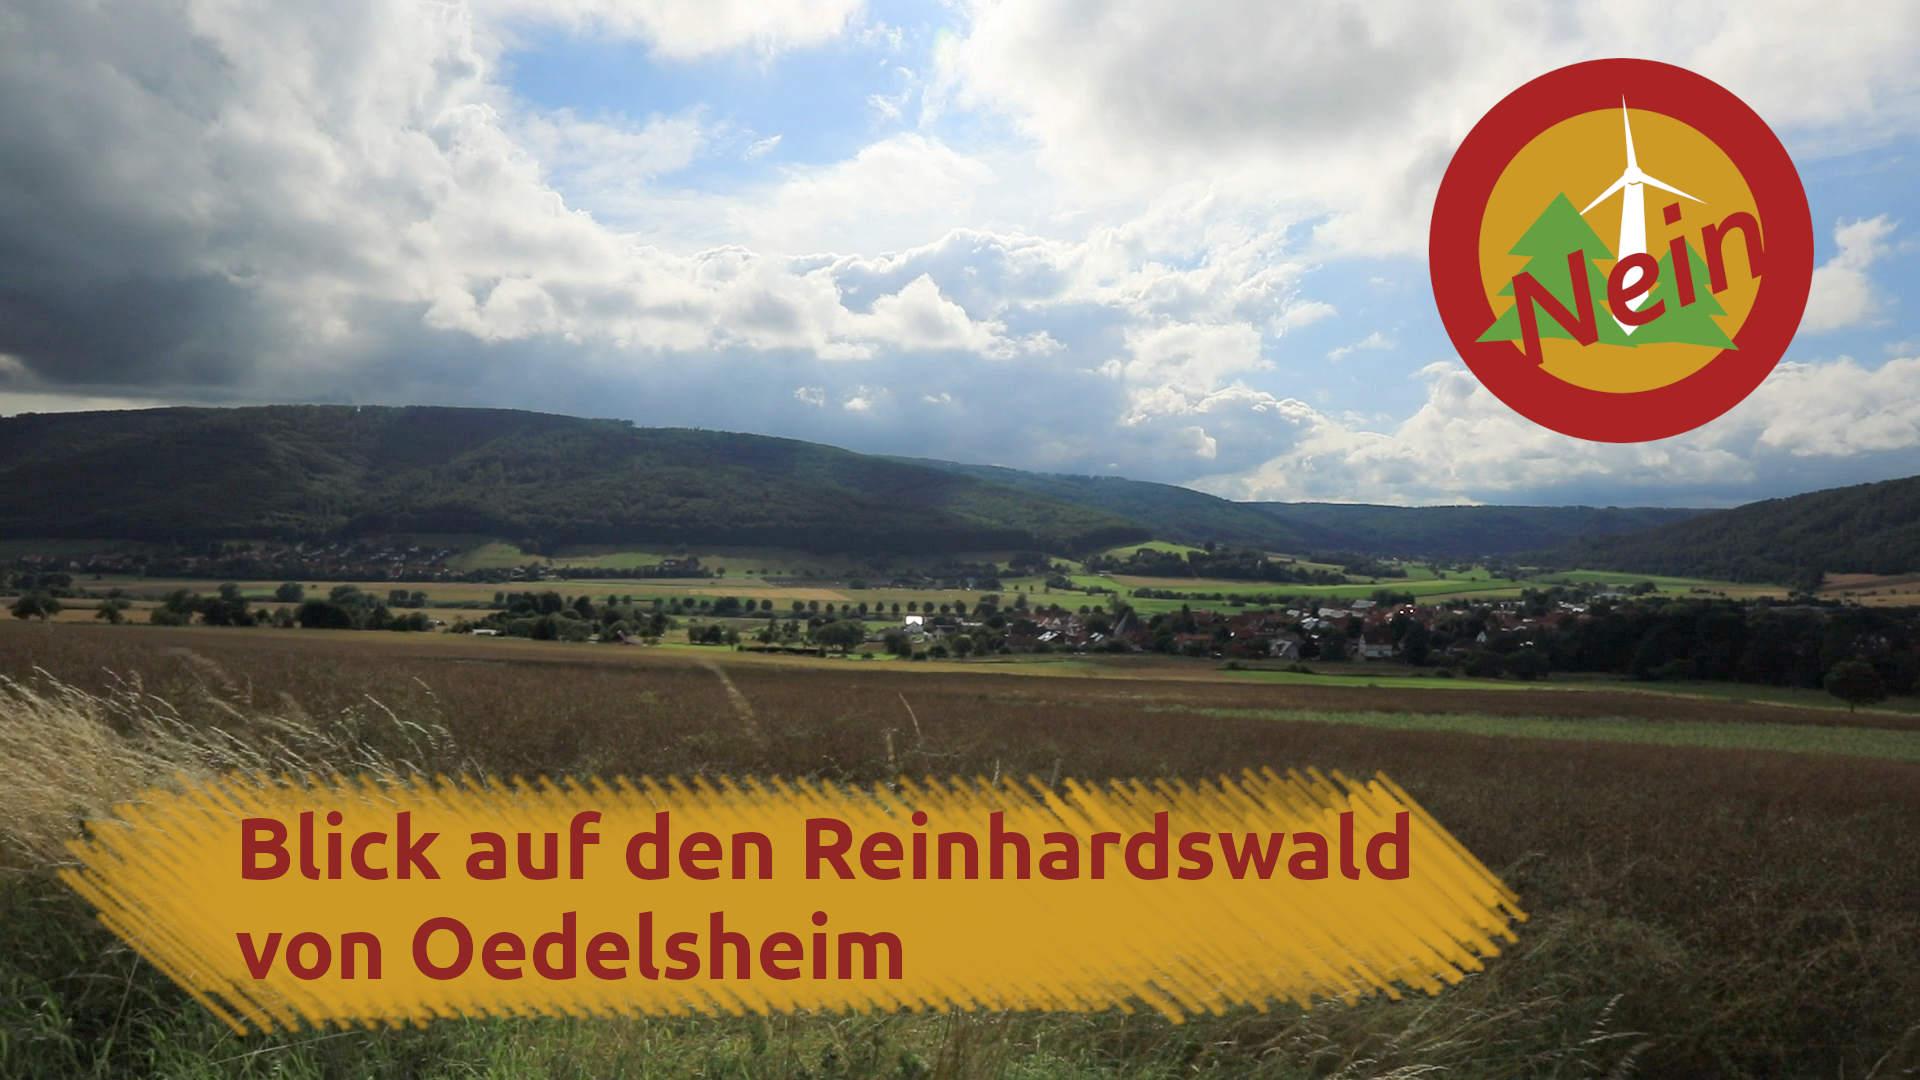 Der Reinhardswald ist keine Wüste